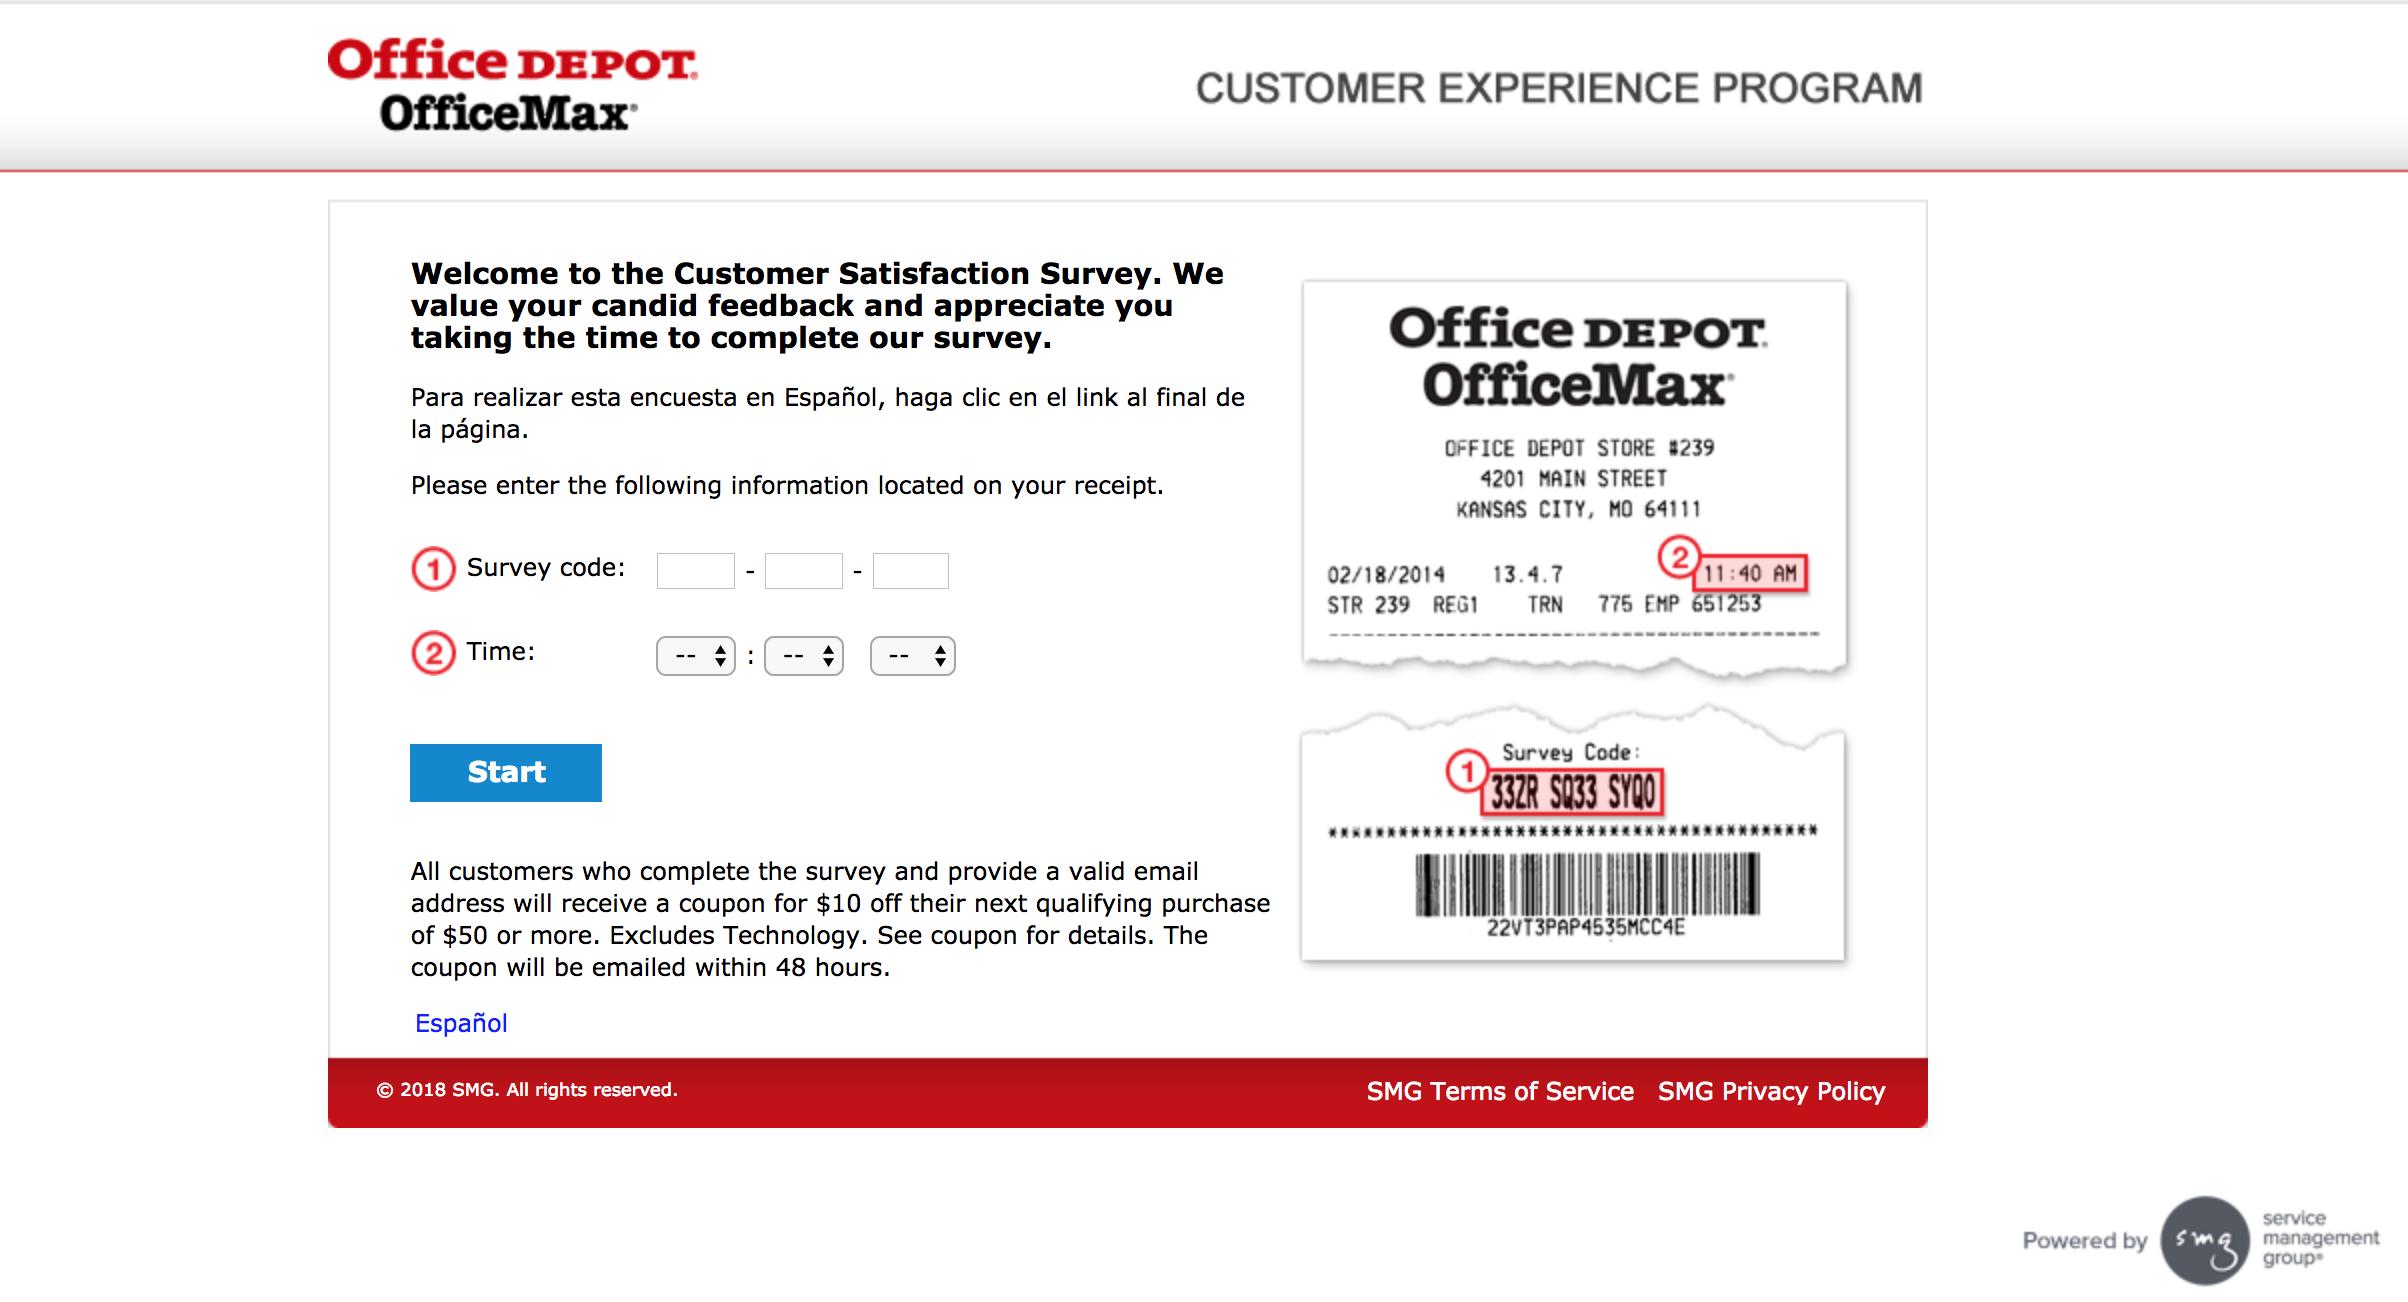 www.officedepot.com:feedback